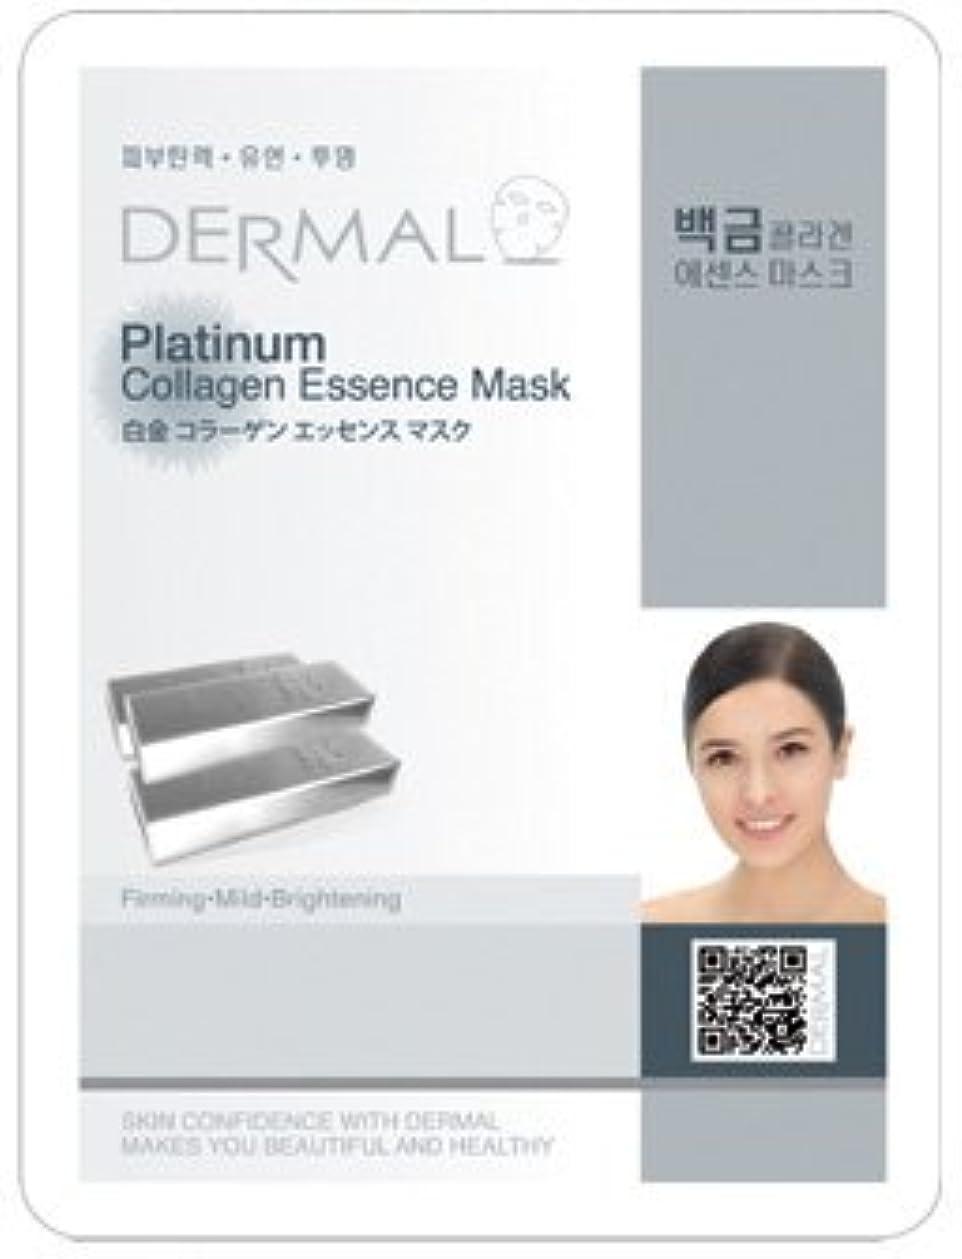 塗抹定刻頻繁にシートマスク 白金 100枚セット ダーマル(Dermal) フェイス パック